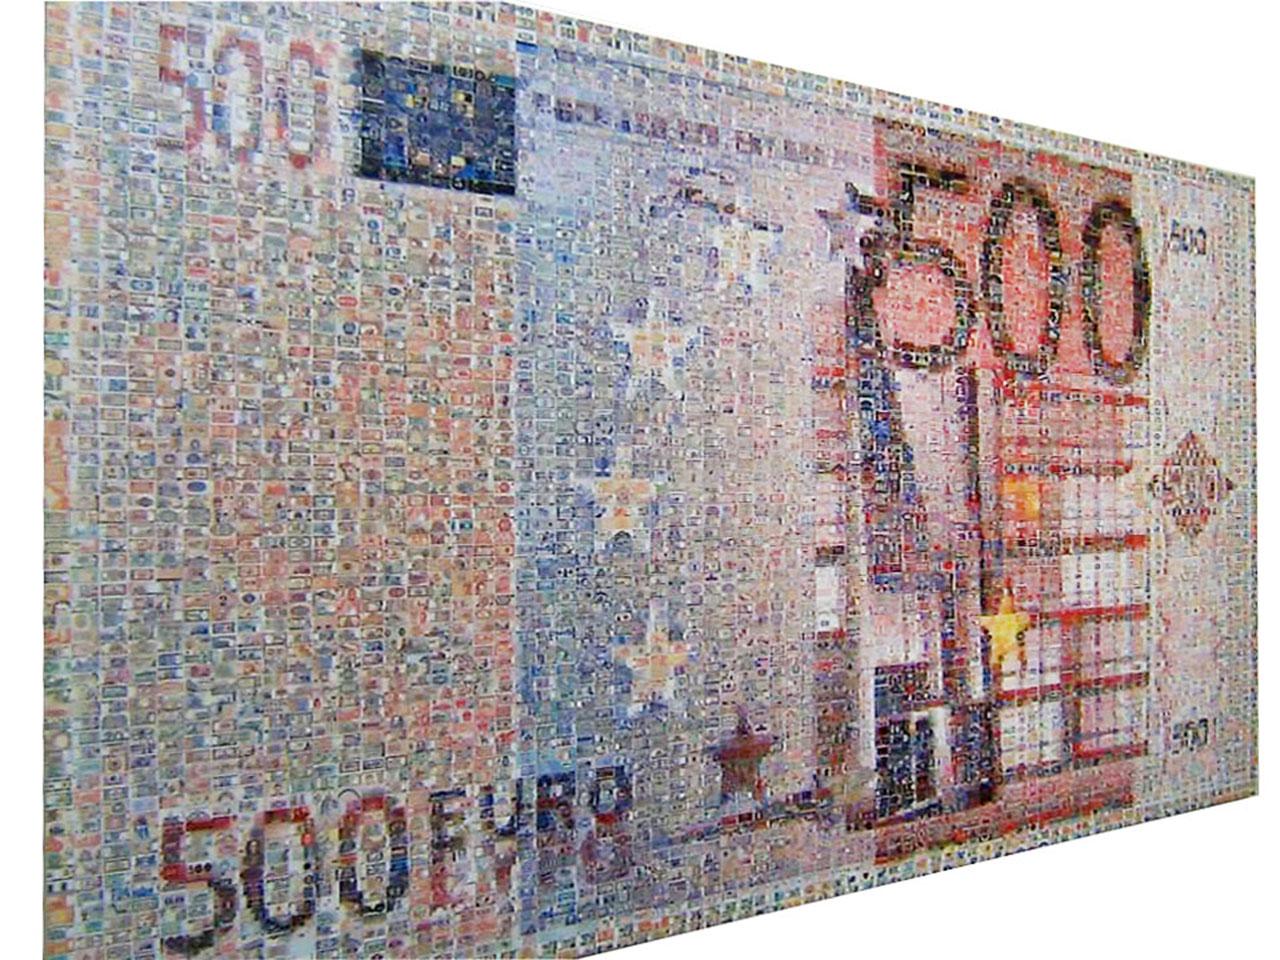 Big bank note